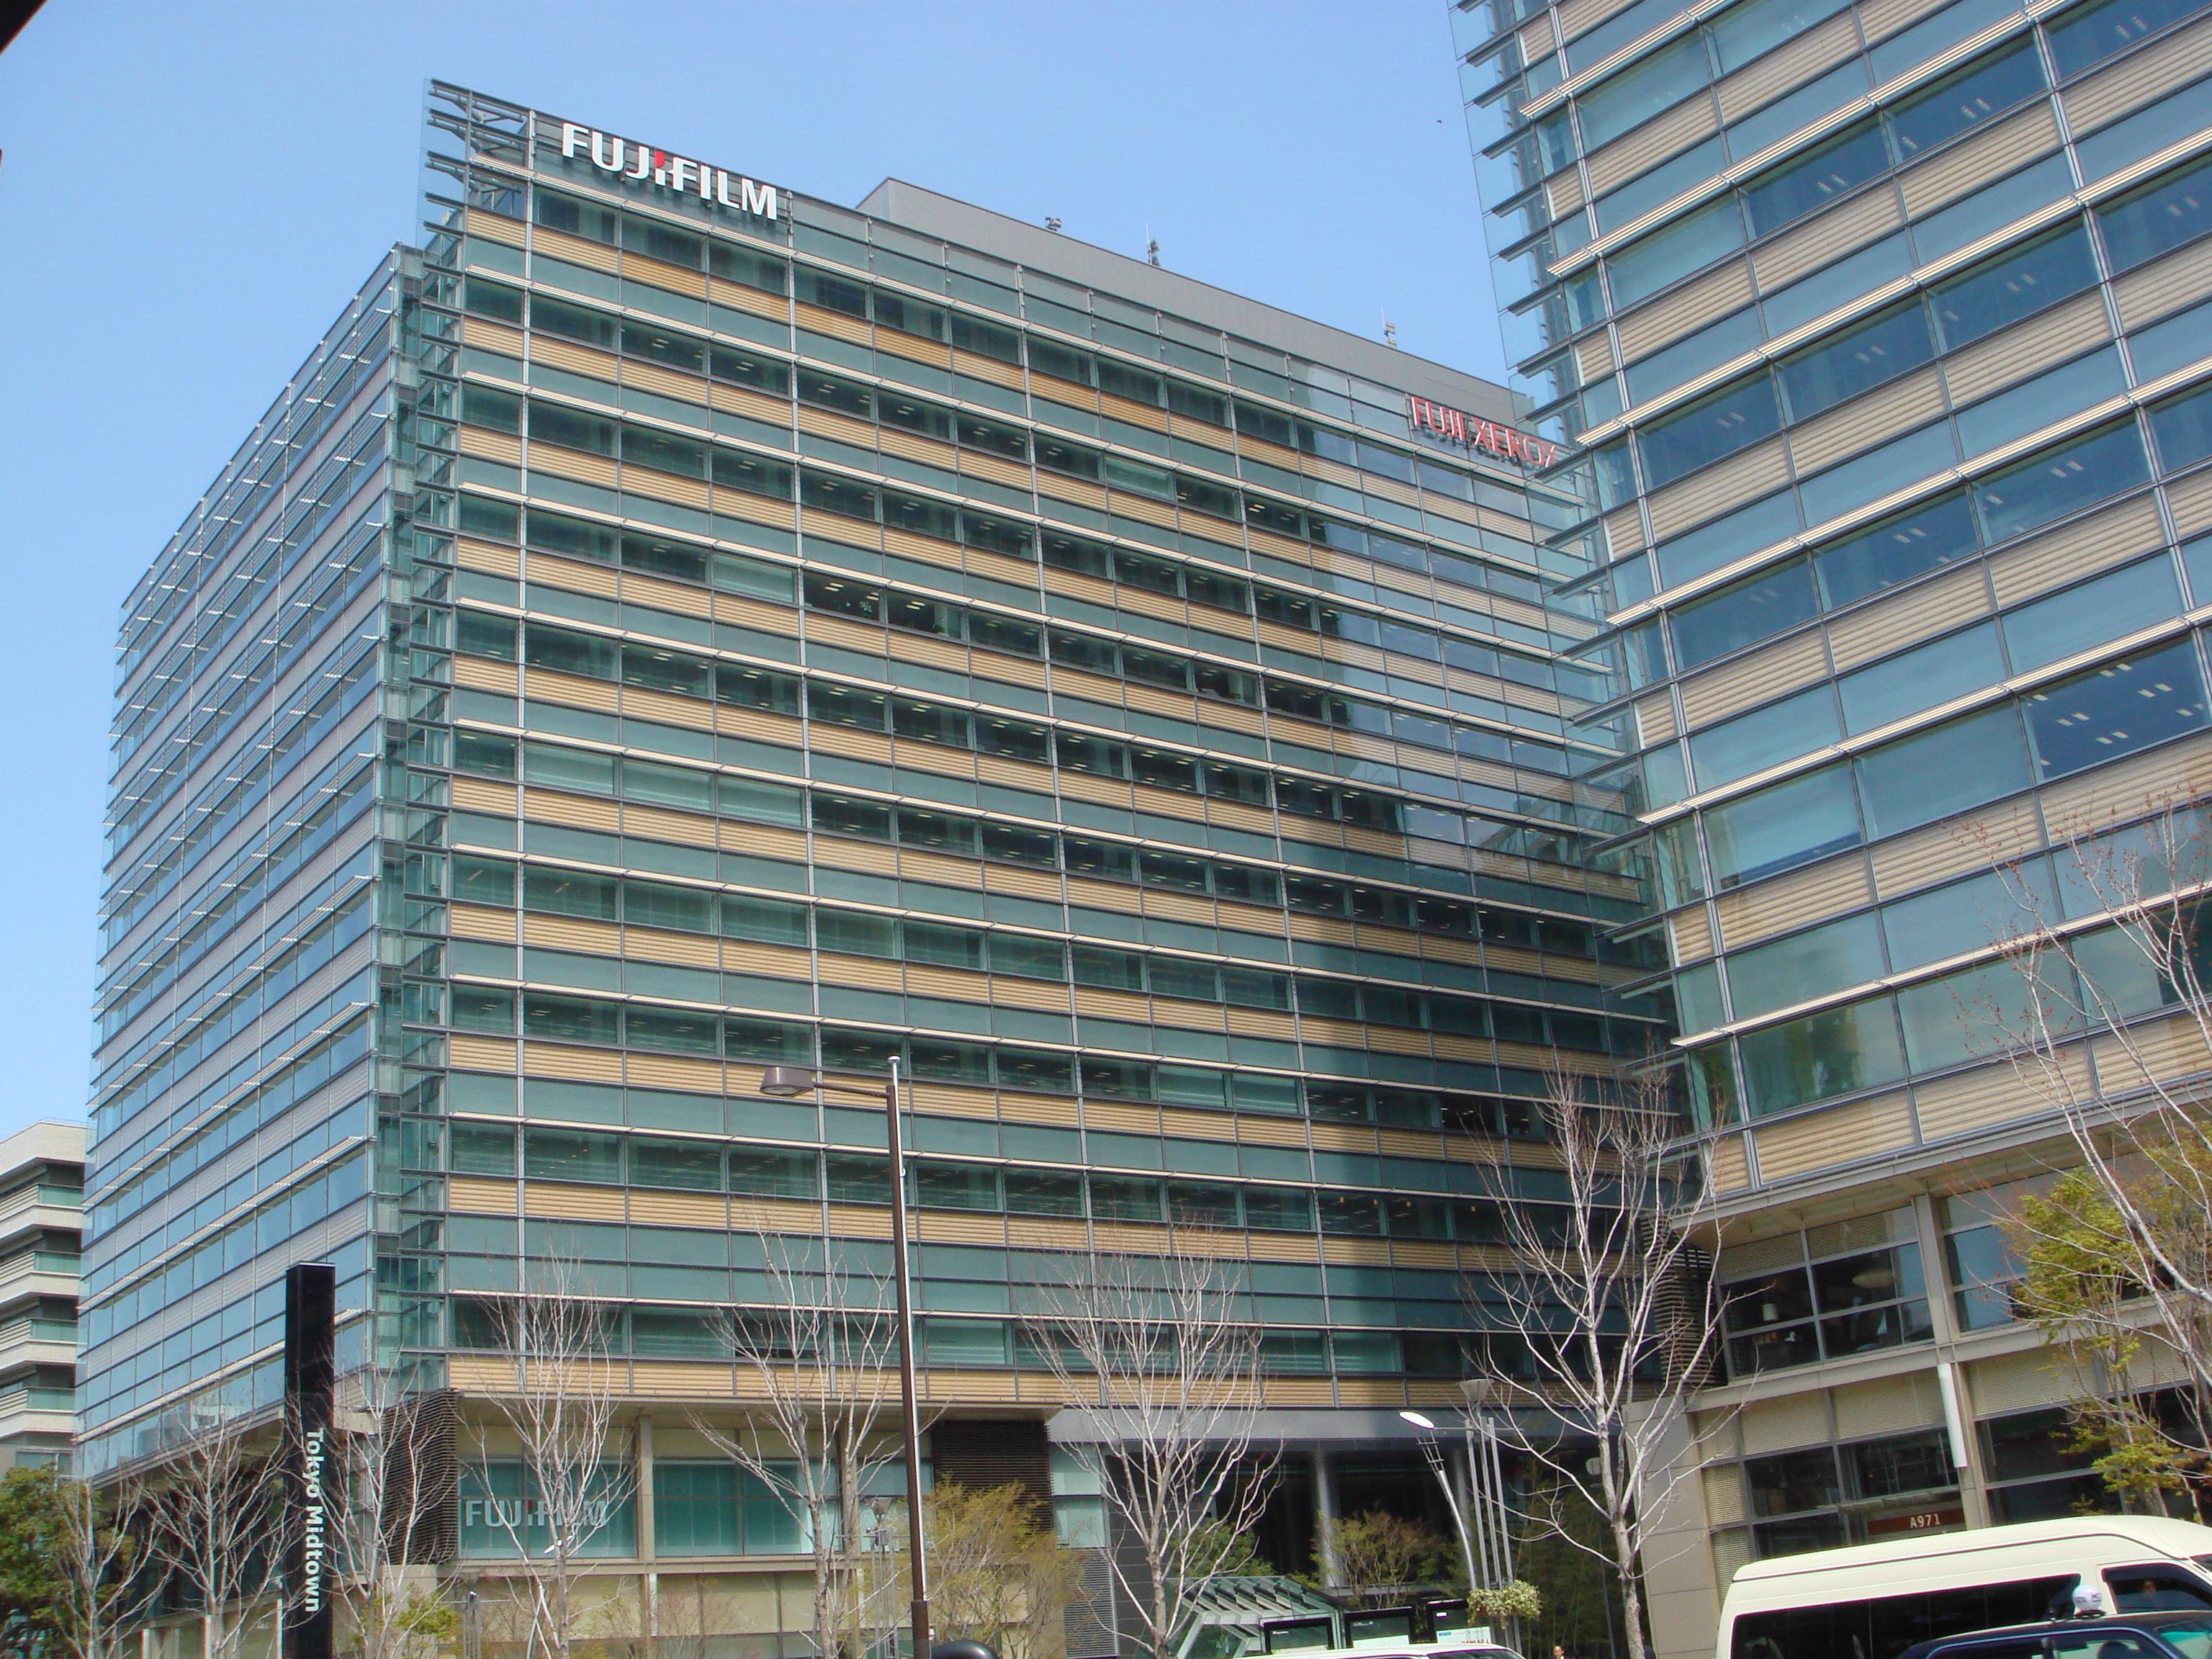 Fujifilm - Wikipedia